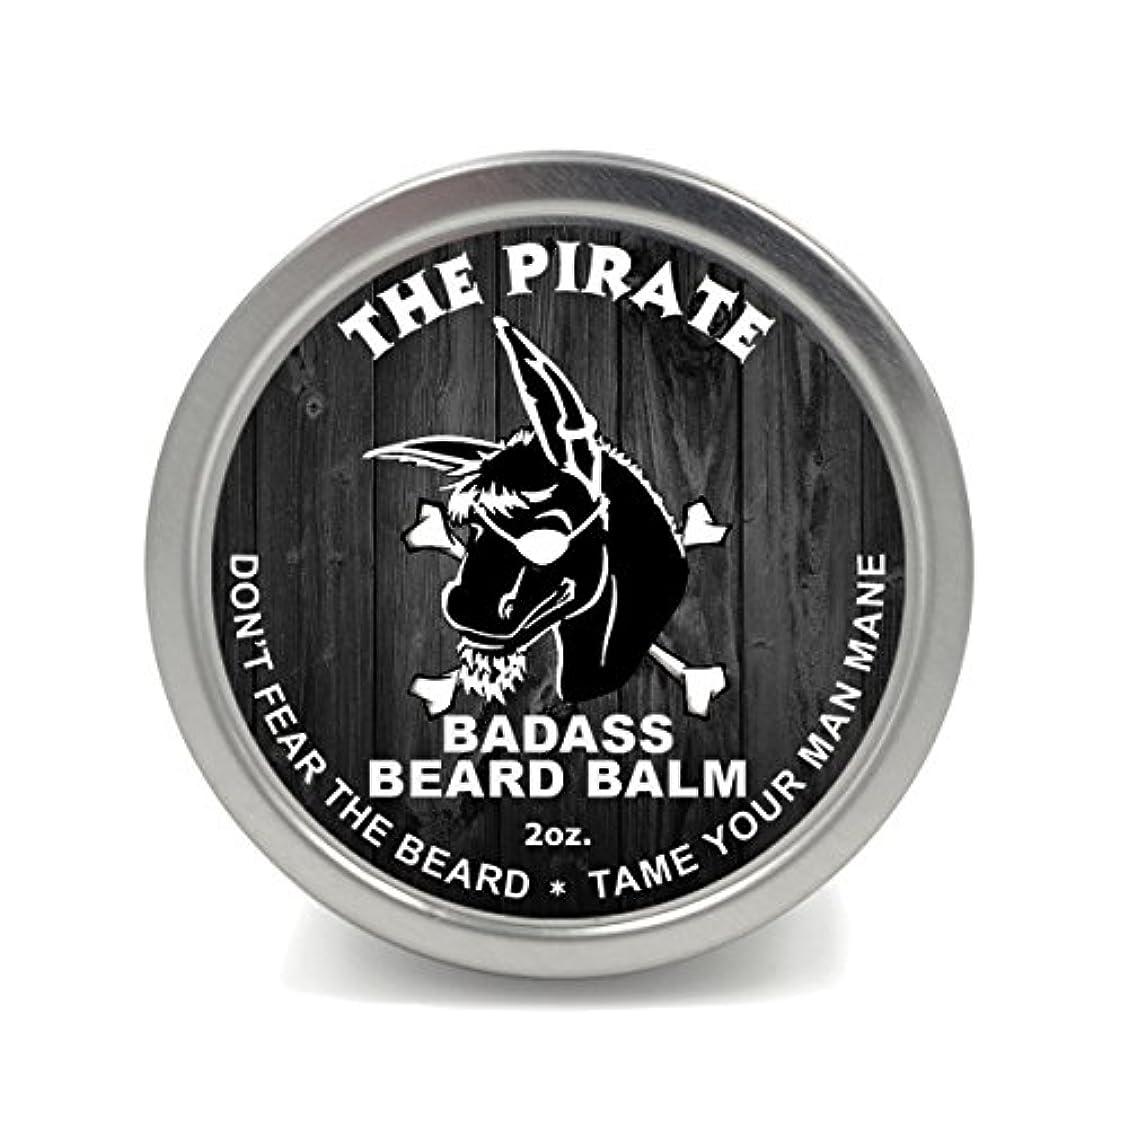 ルアーギネス公爵夫人Badass Beard Careビアードバーム2オンスThe Pirate